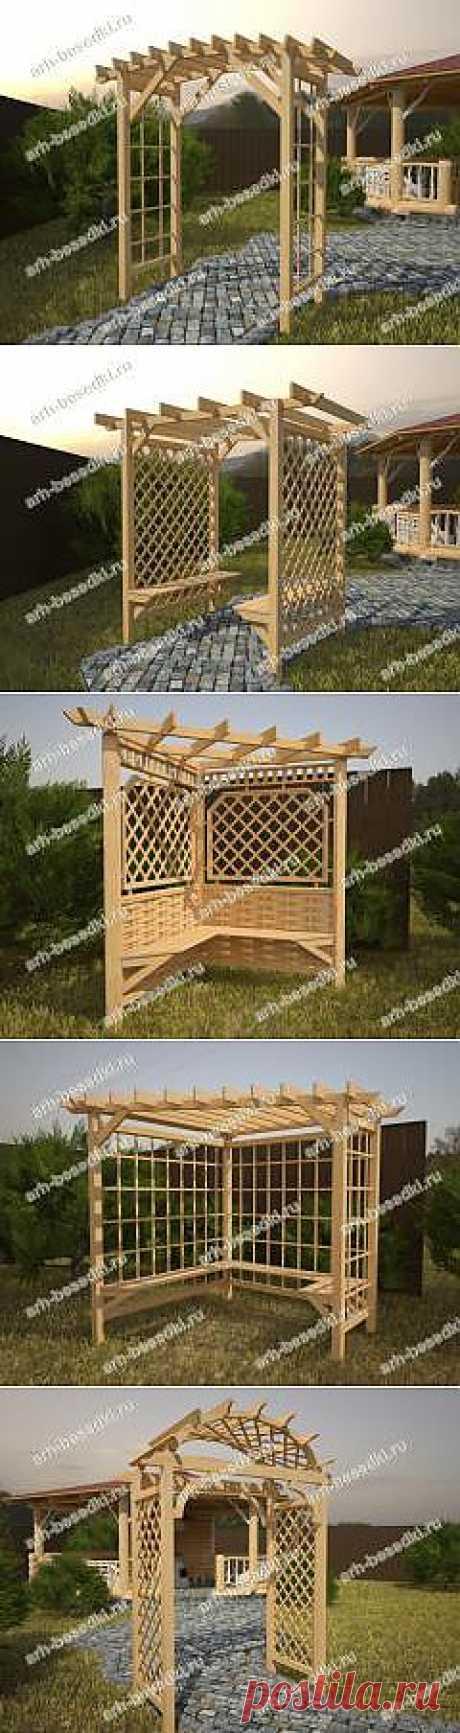 Садовые перголы. Для изготовления садовых пергол чаще всего используется древесина